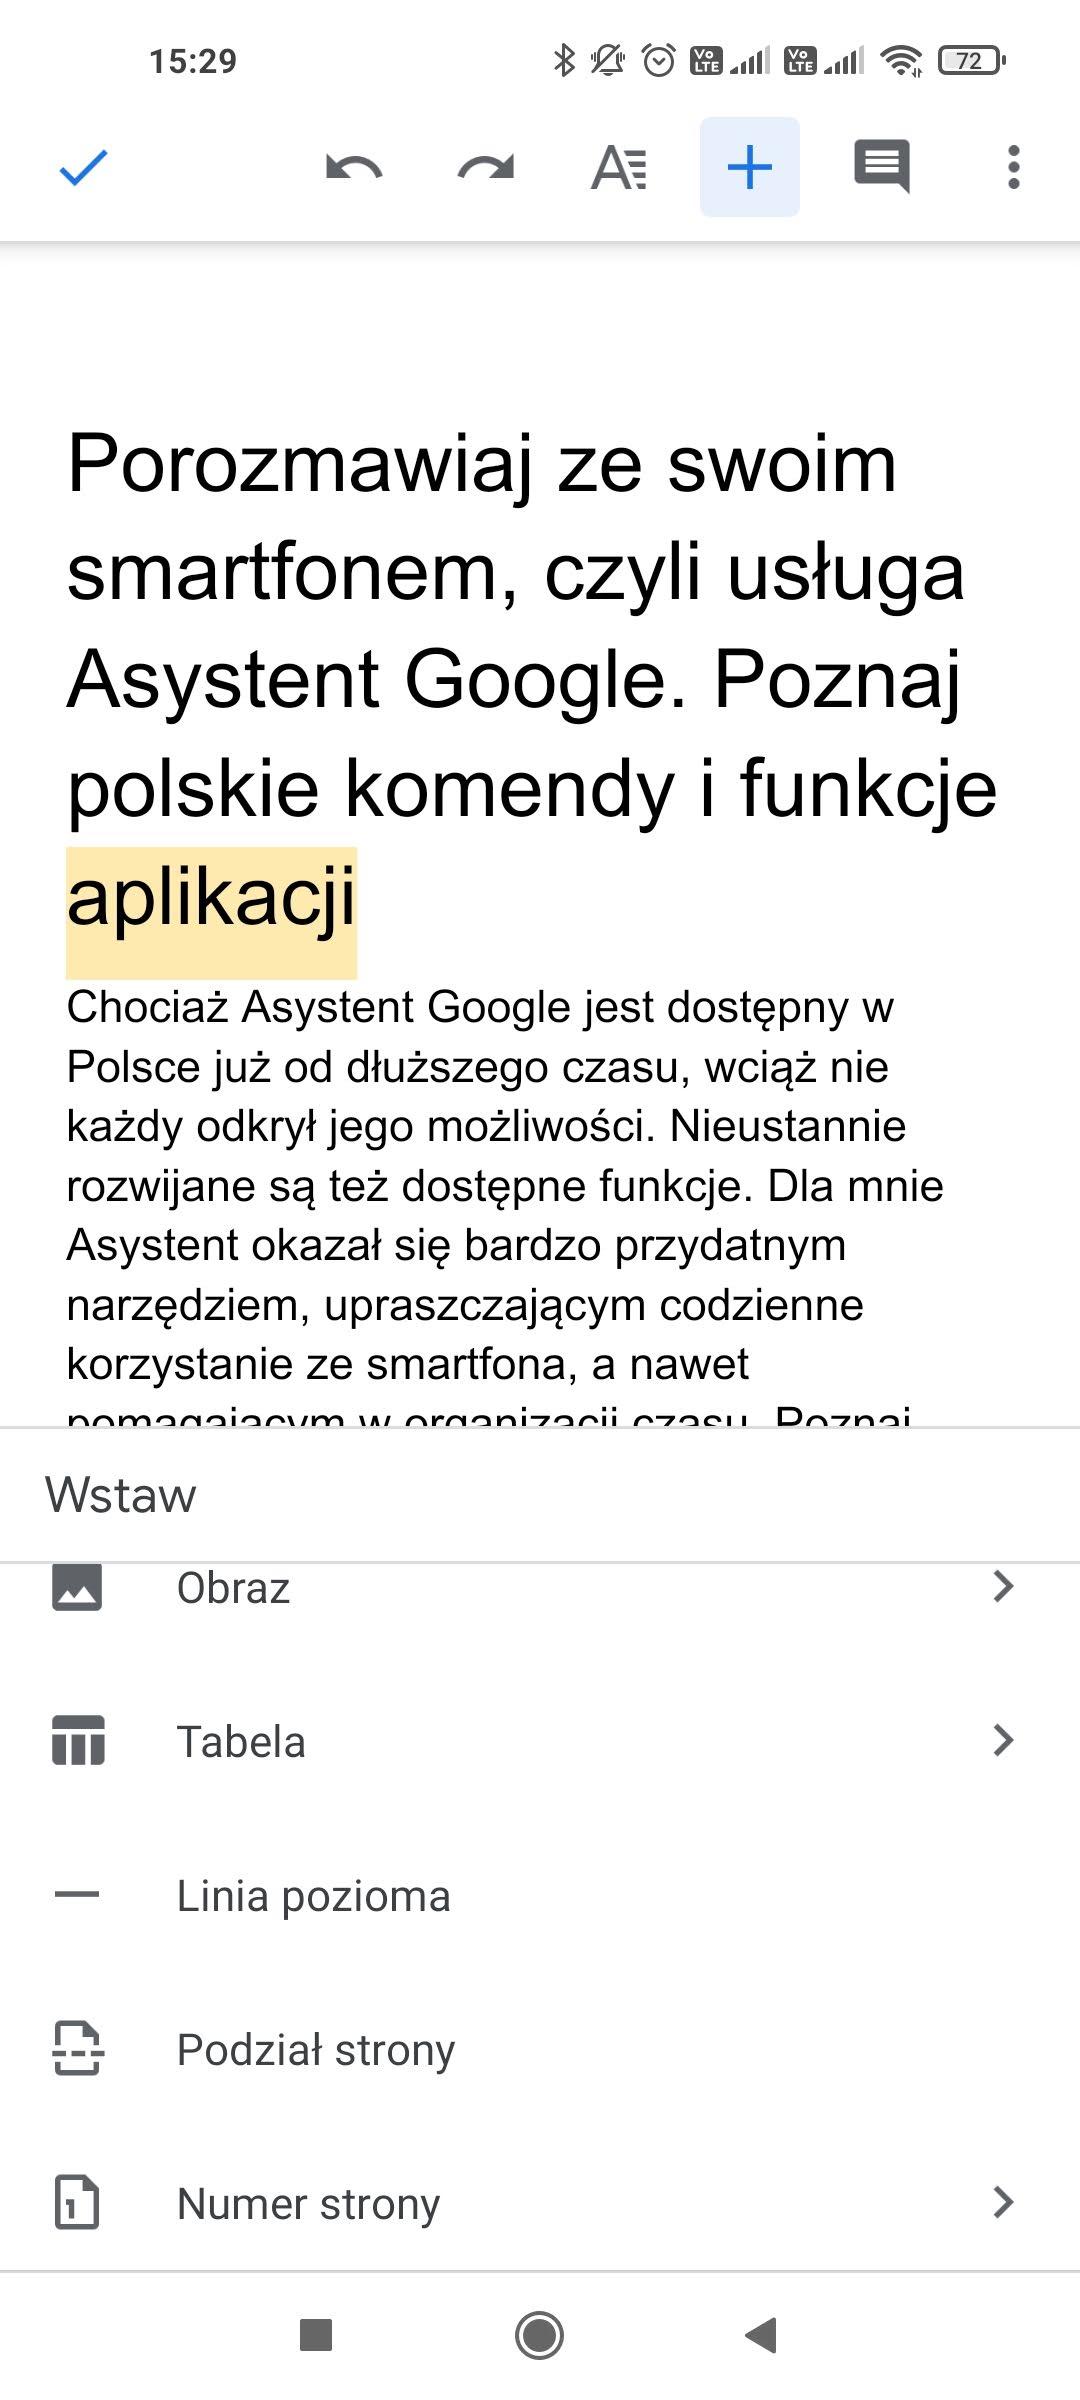 wstawianie w dokumanty google aplikacja mobilna